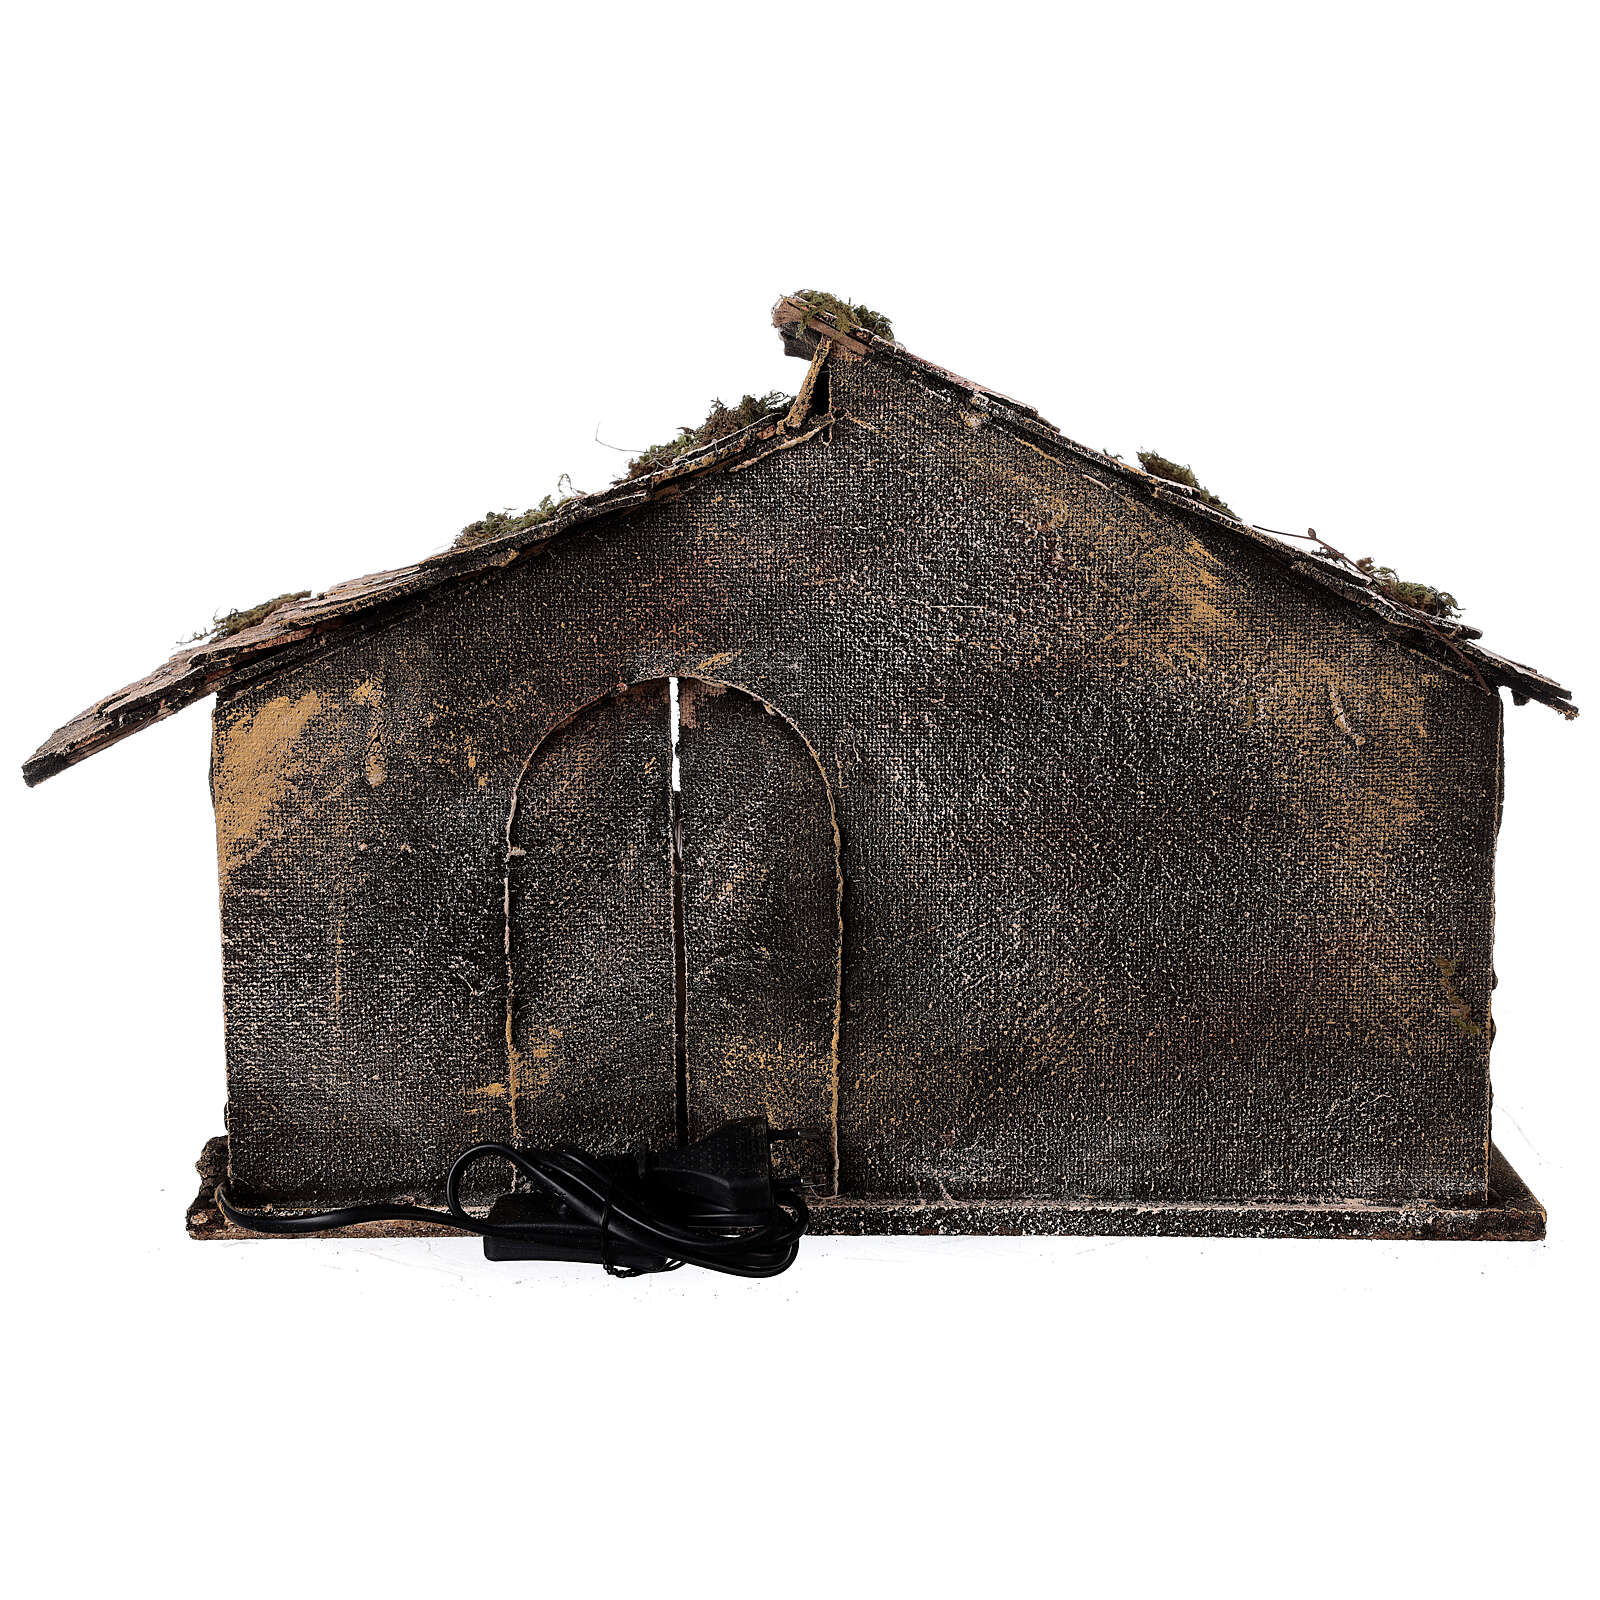 Capanna tetto spiovente Natività statue 12 cm presepe napoletano 30x45x30 4